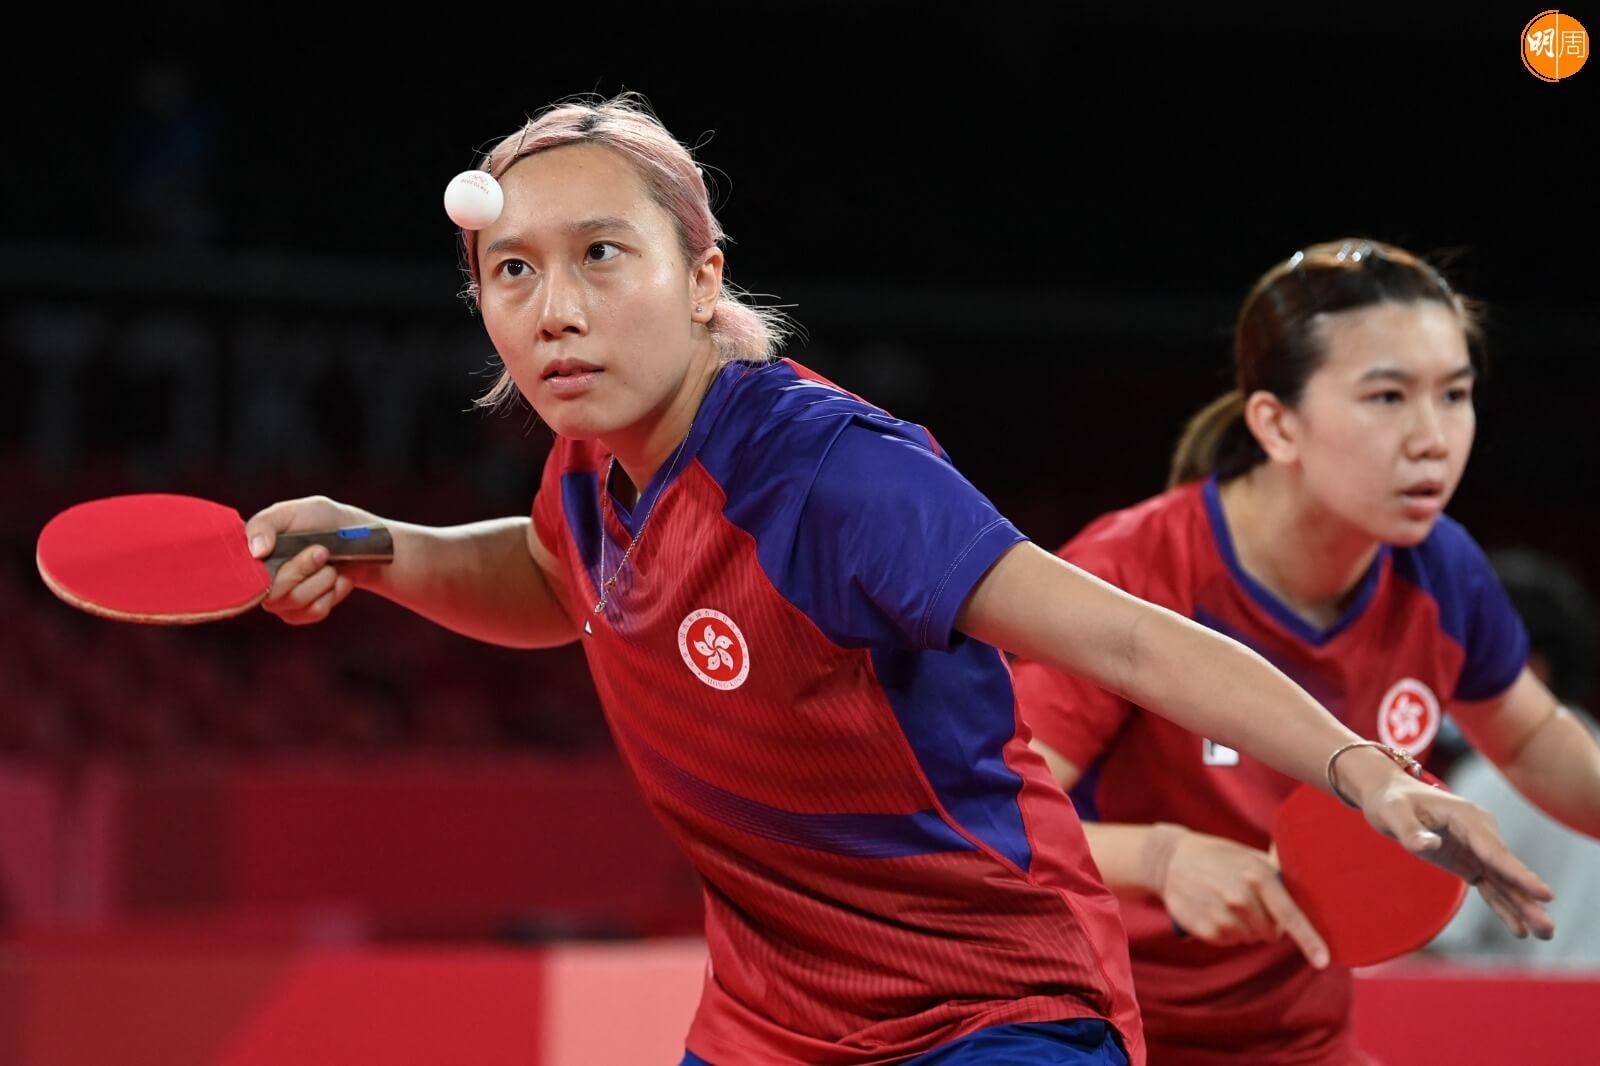 港隊乒乓女子隊成員 圖片來源:法新社